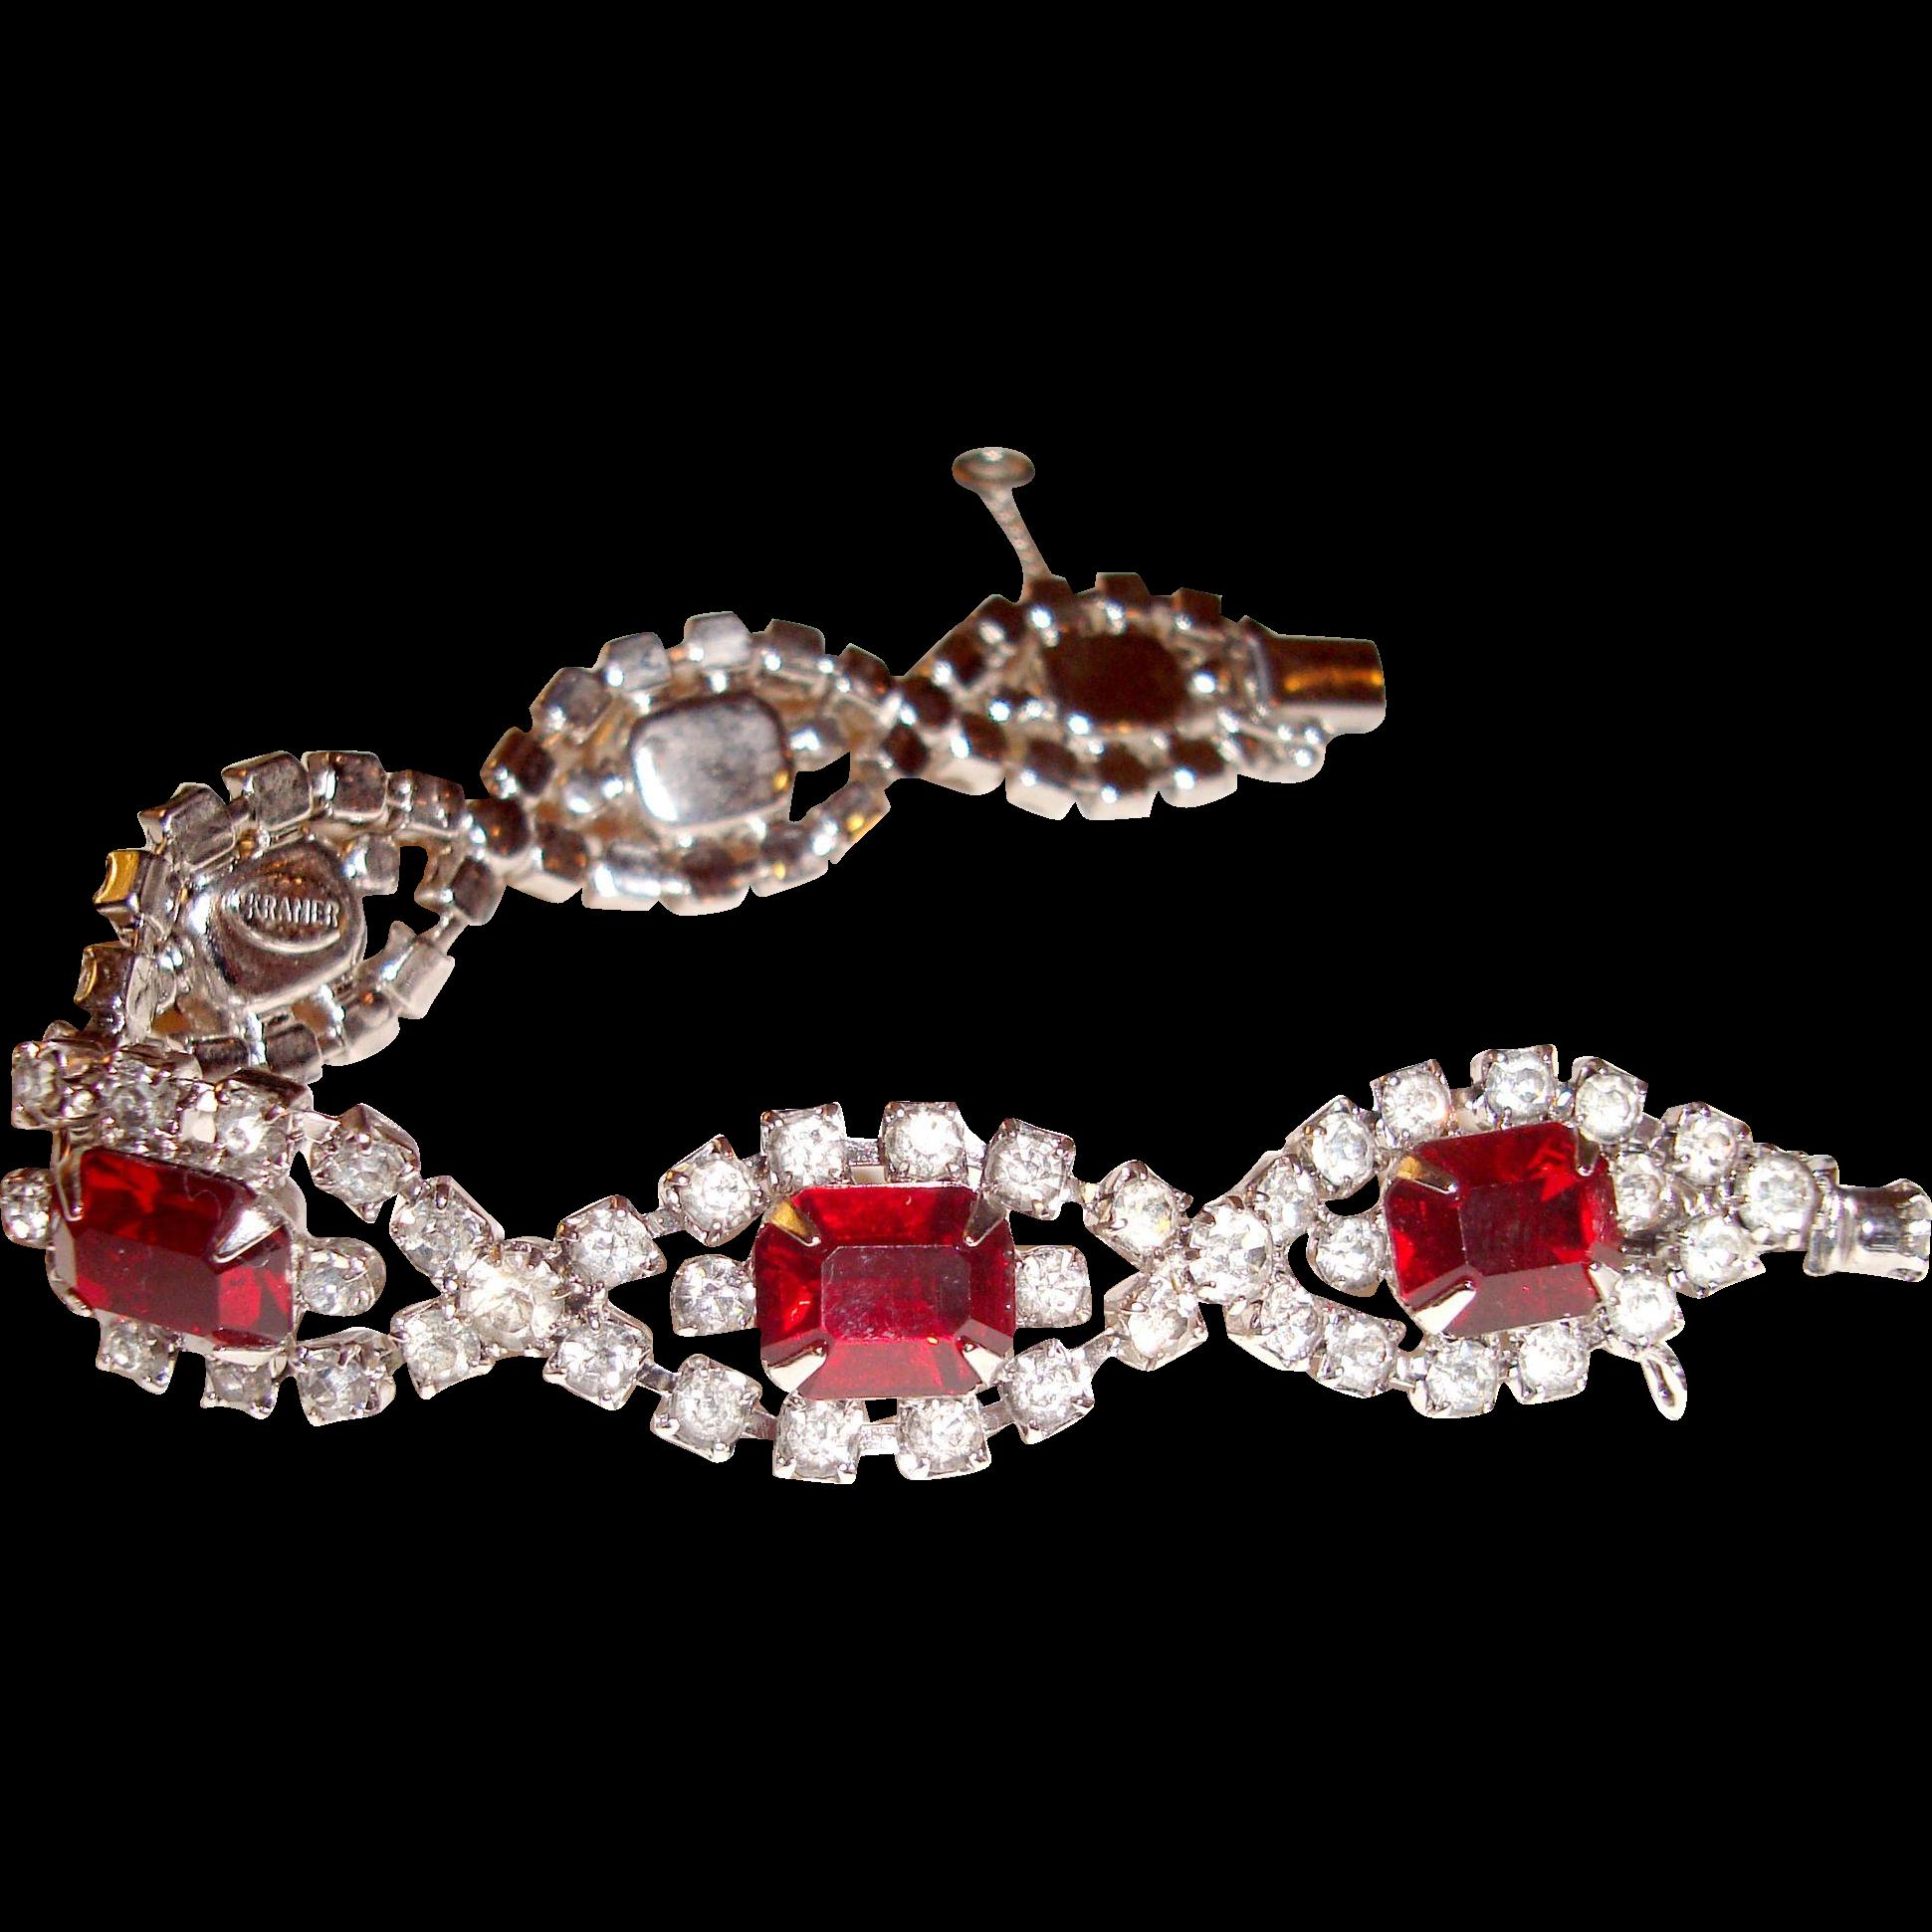 Kramer NY Red Rhinestone Bracelet Dazzling